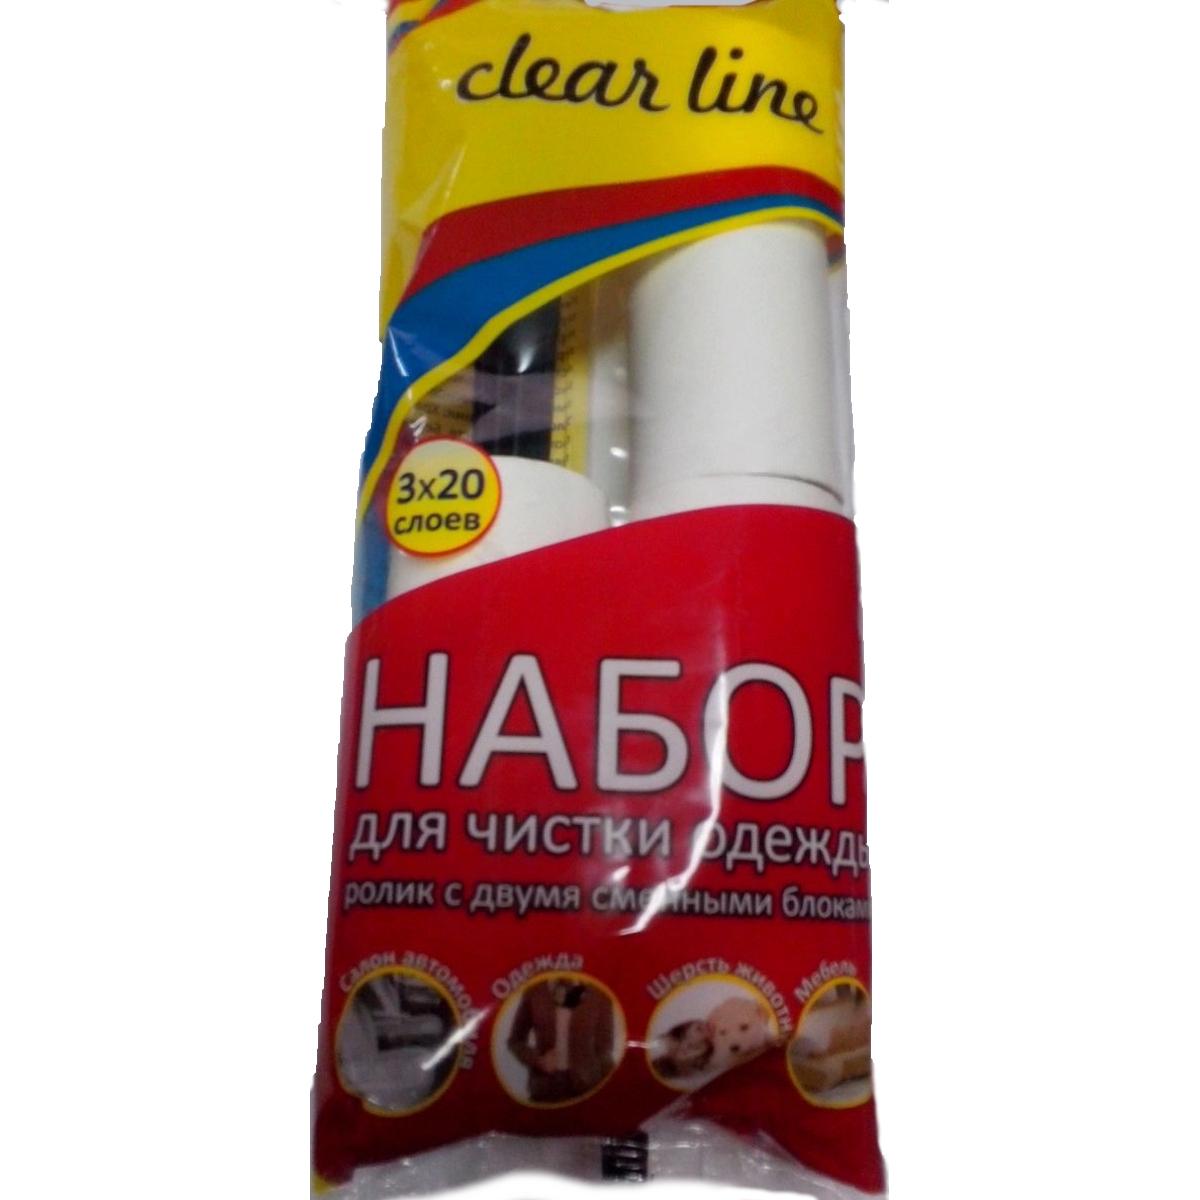 Ролик для чистки одежды Clear Line, 20 слоев + Запасной блок Clear Line, 2 шт